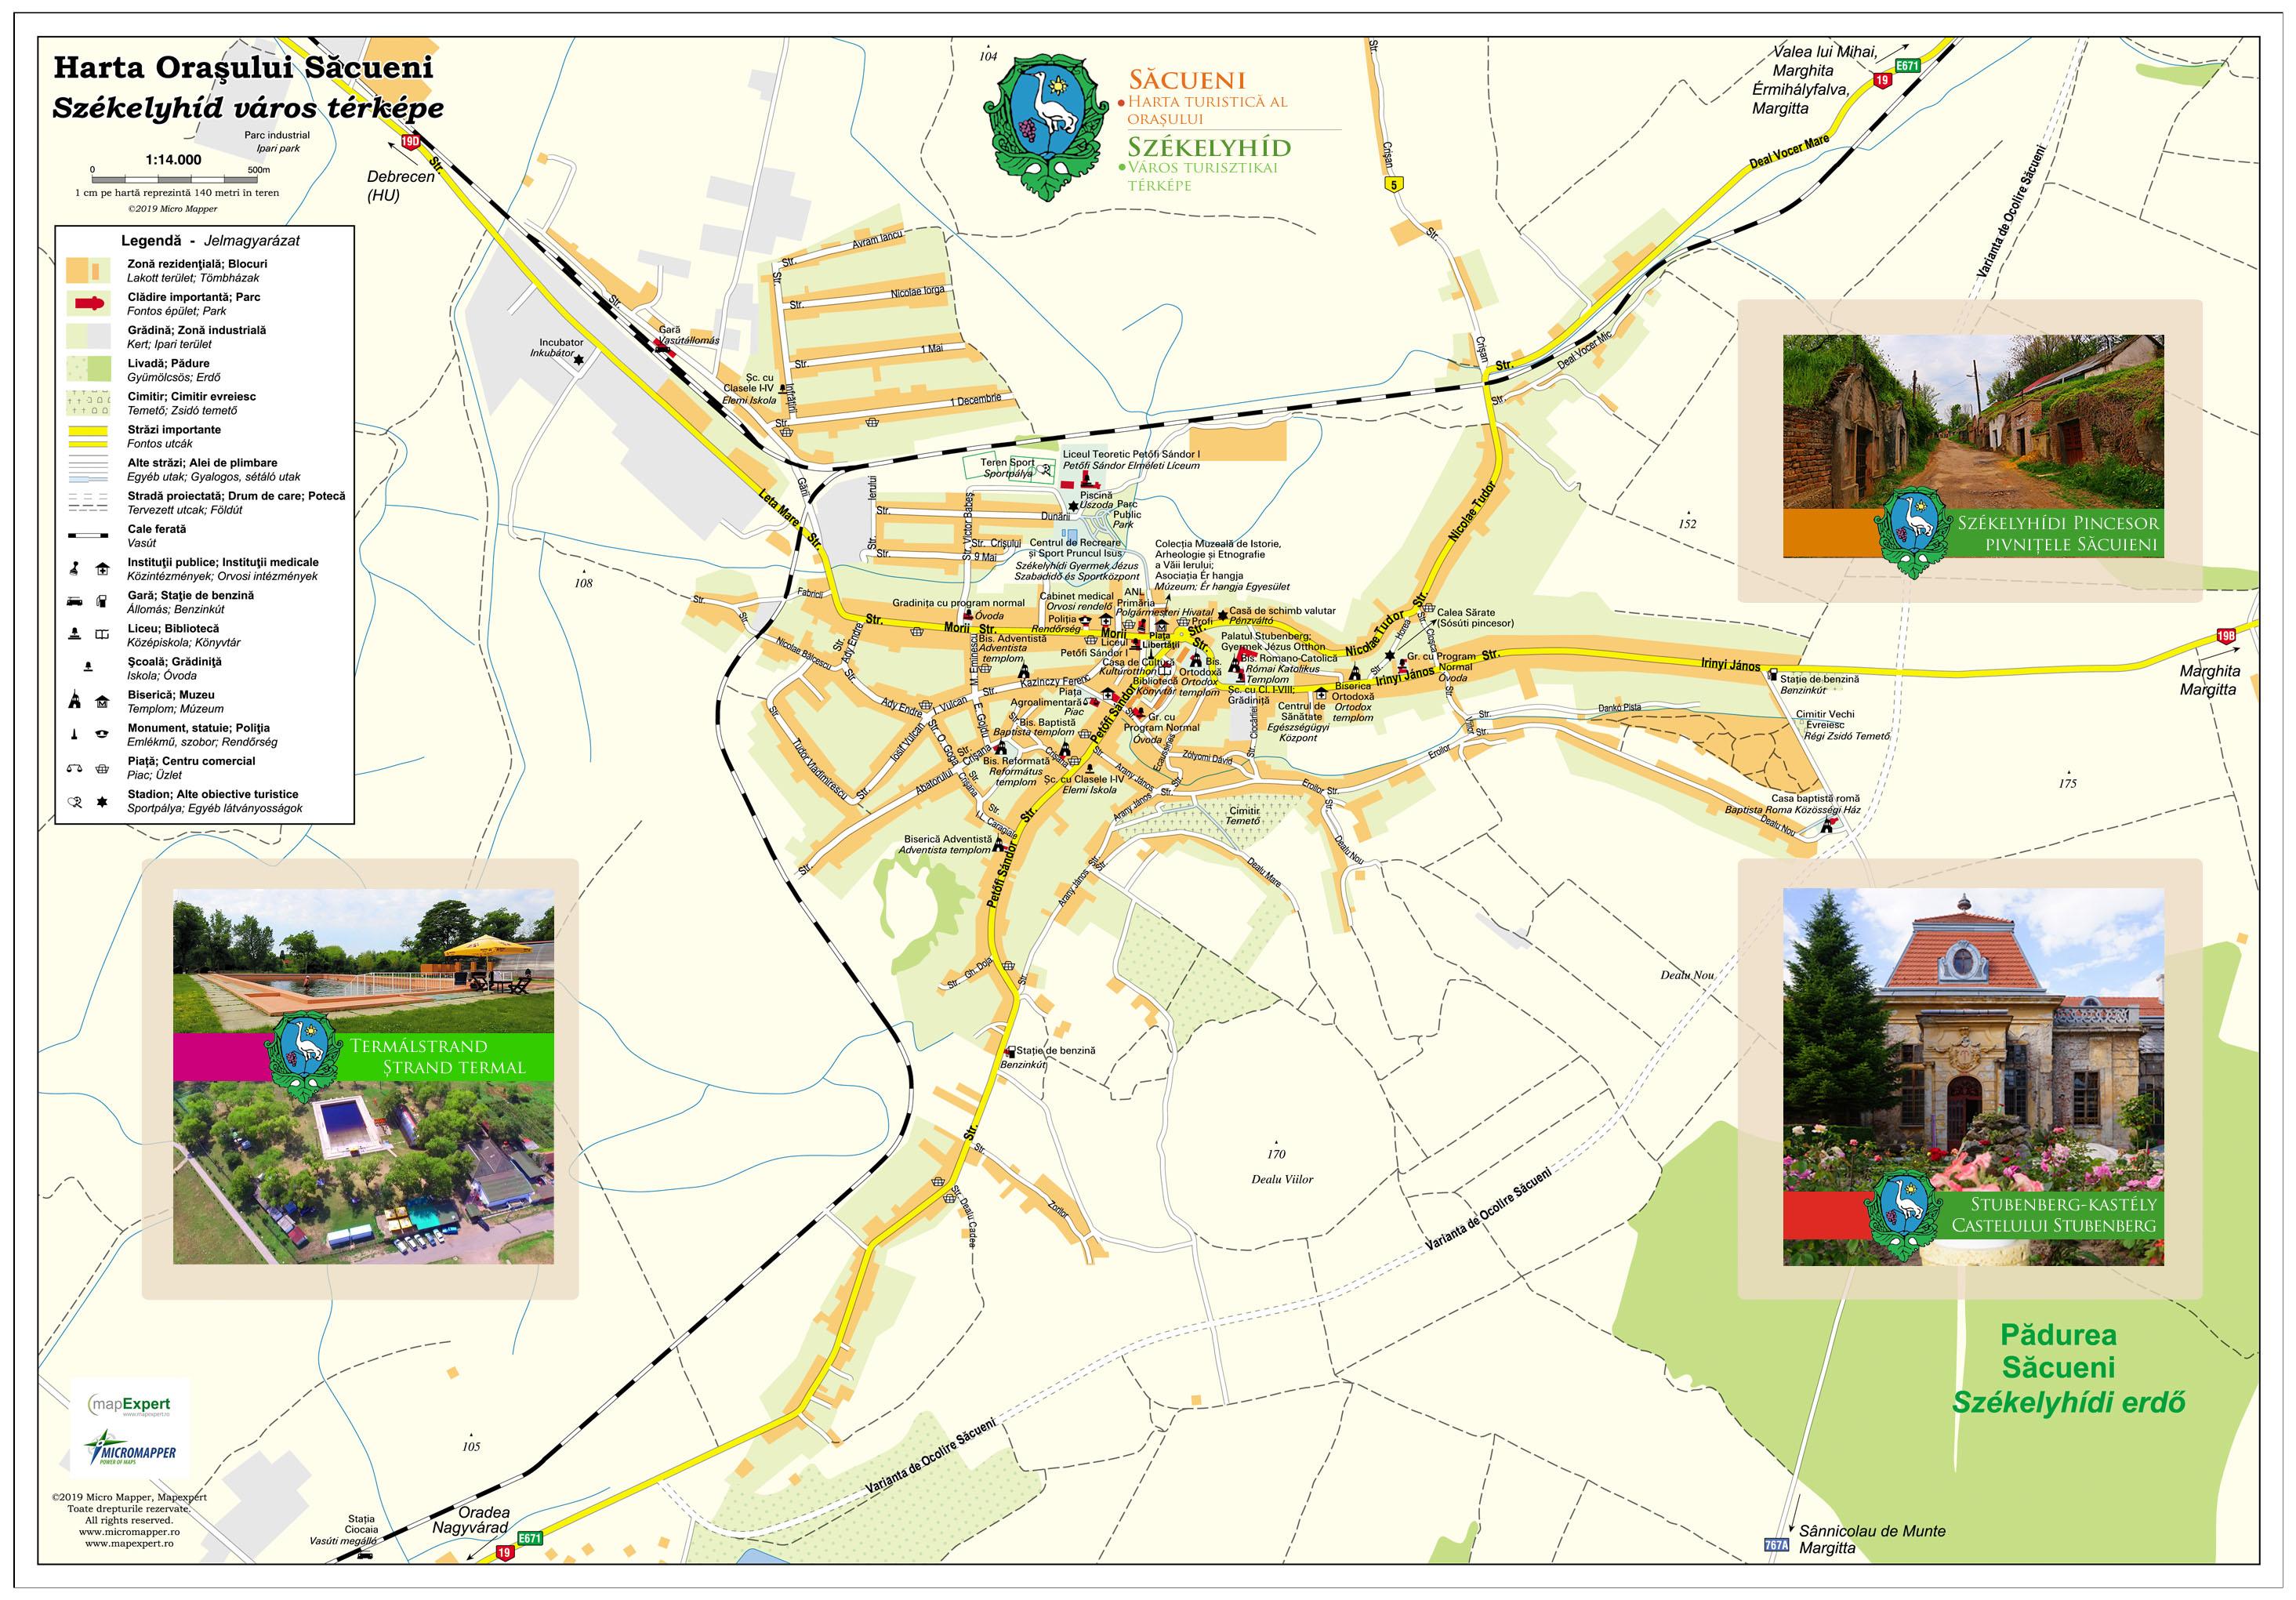 Harta Turistică Săcueni Mapexpert Group